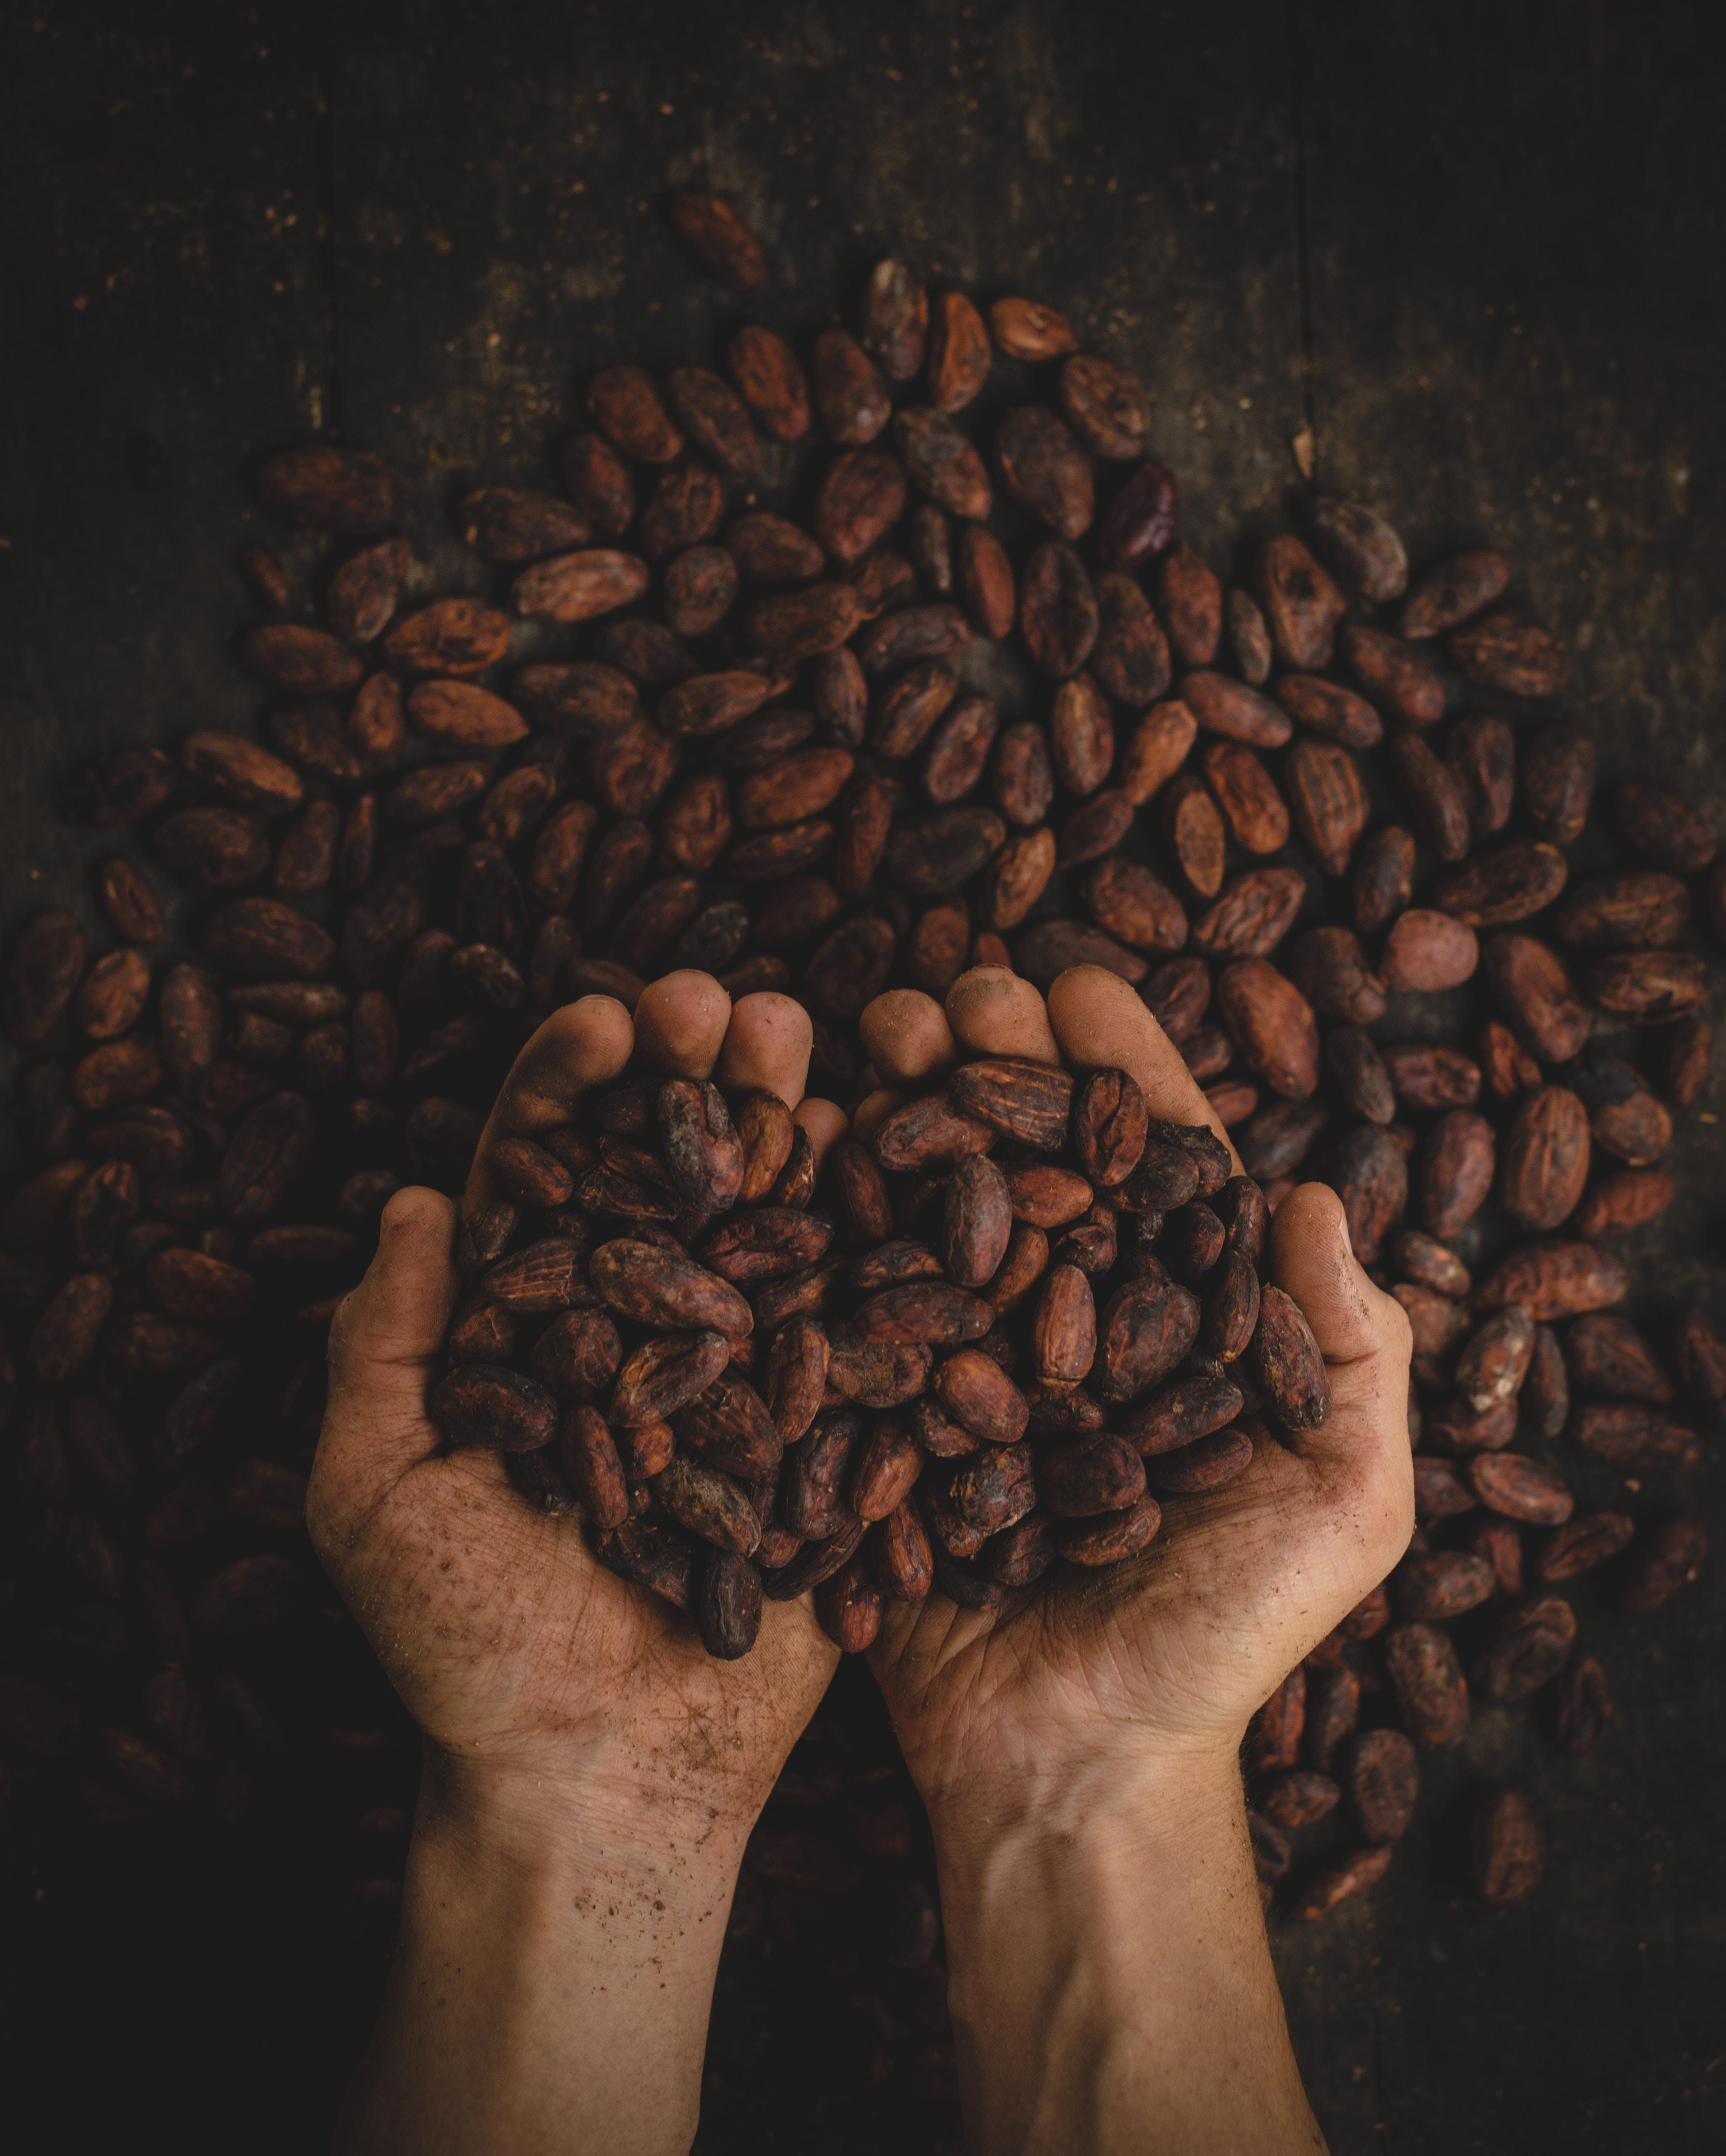 Fèves de cacao©pablo-merchan-montes